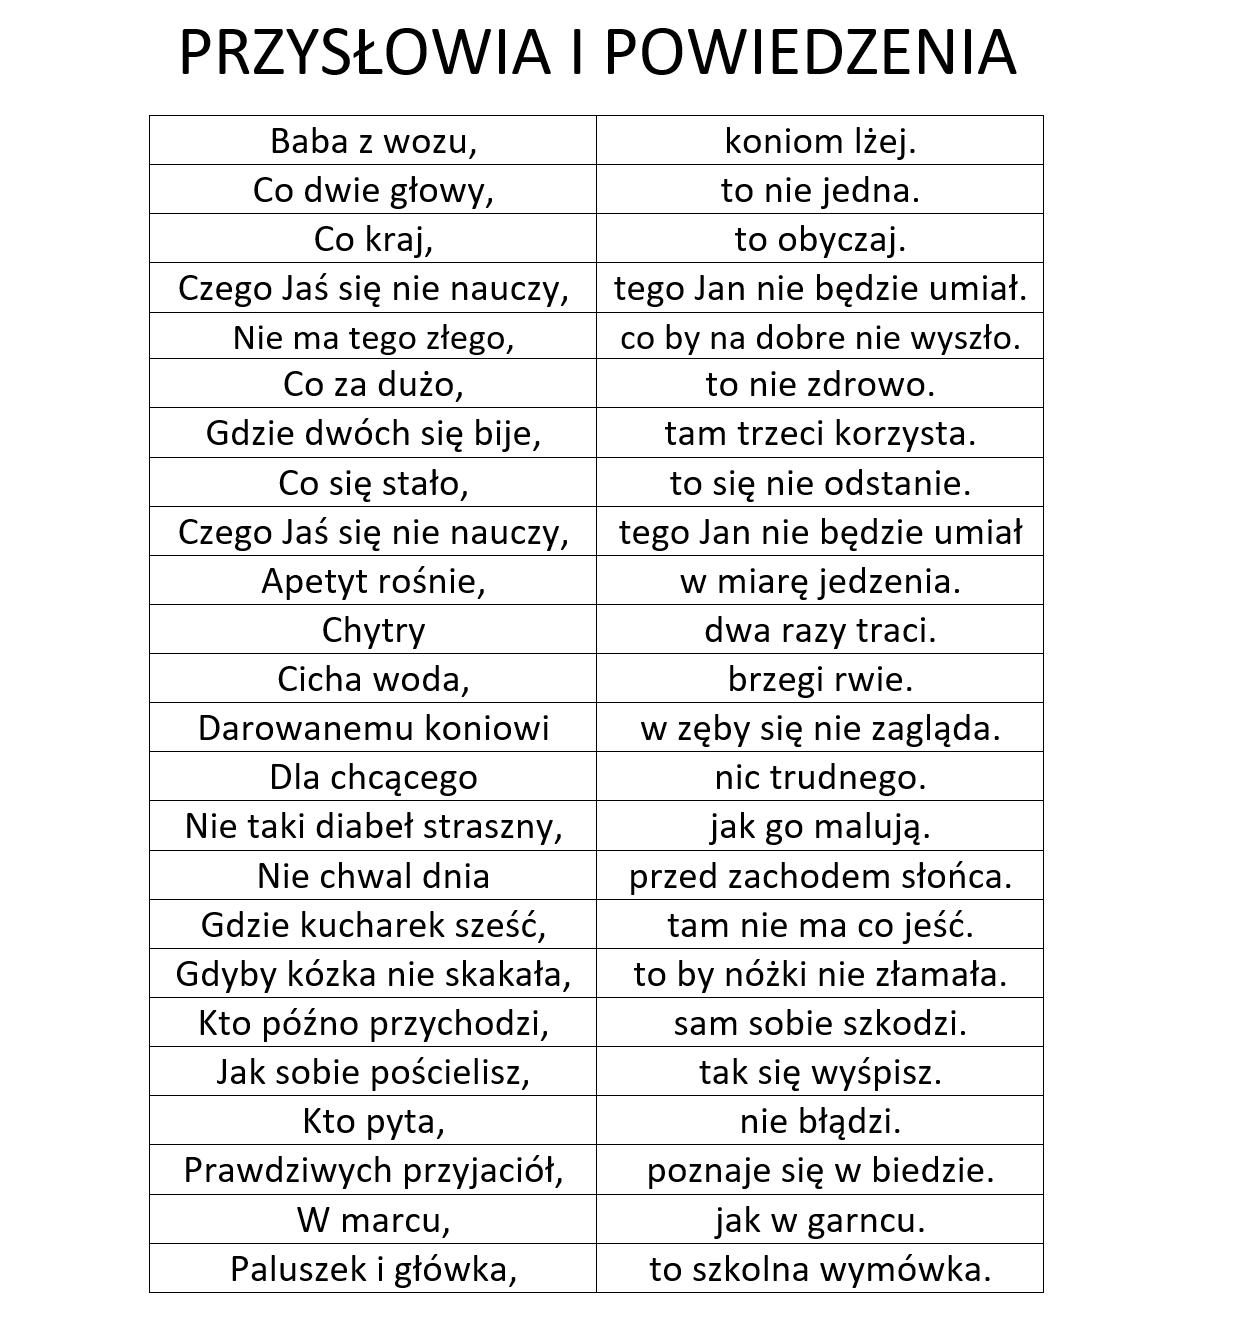 przysłowia polskie i powiedzenia do druku